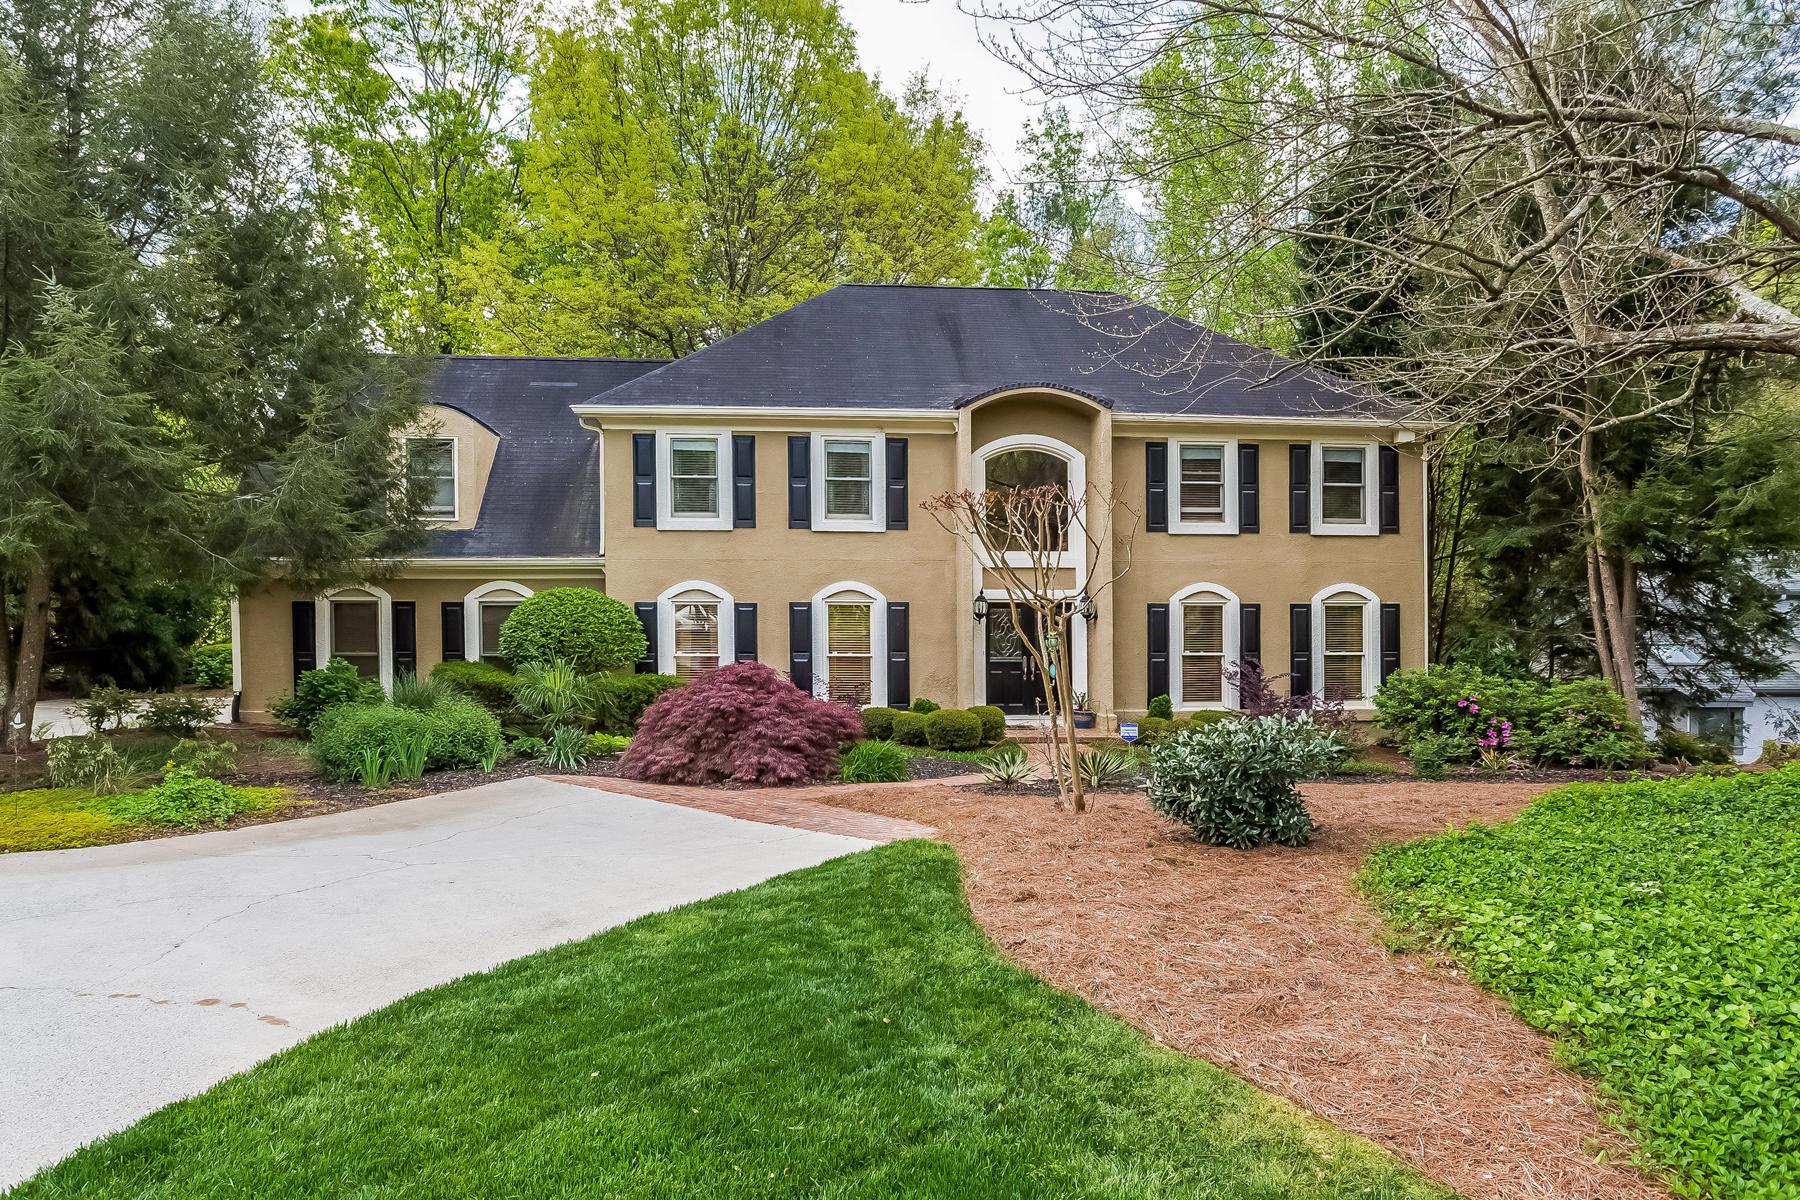 Частный односемейный дом для того Продажа на Spacious Move-in Ready Home On Cul-de-sac 170 Colewood Way Atlanta, Джорджия, 30328 Соединенные Штаты